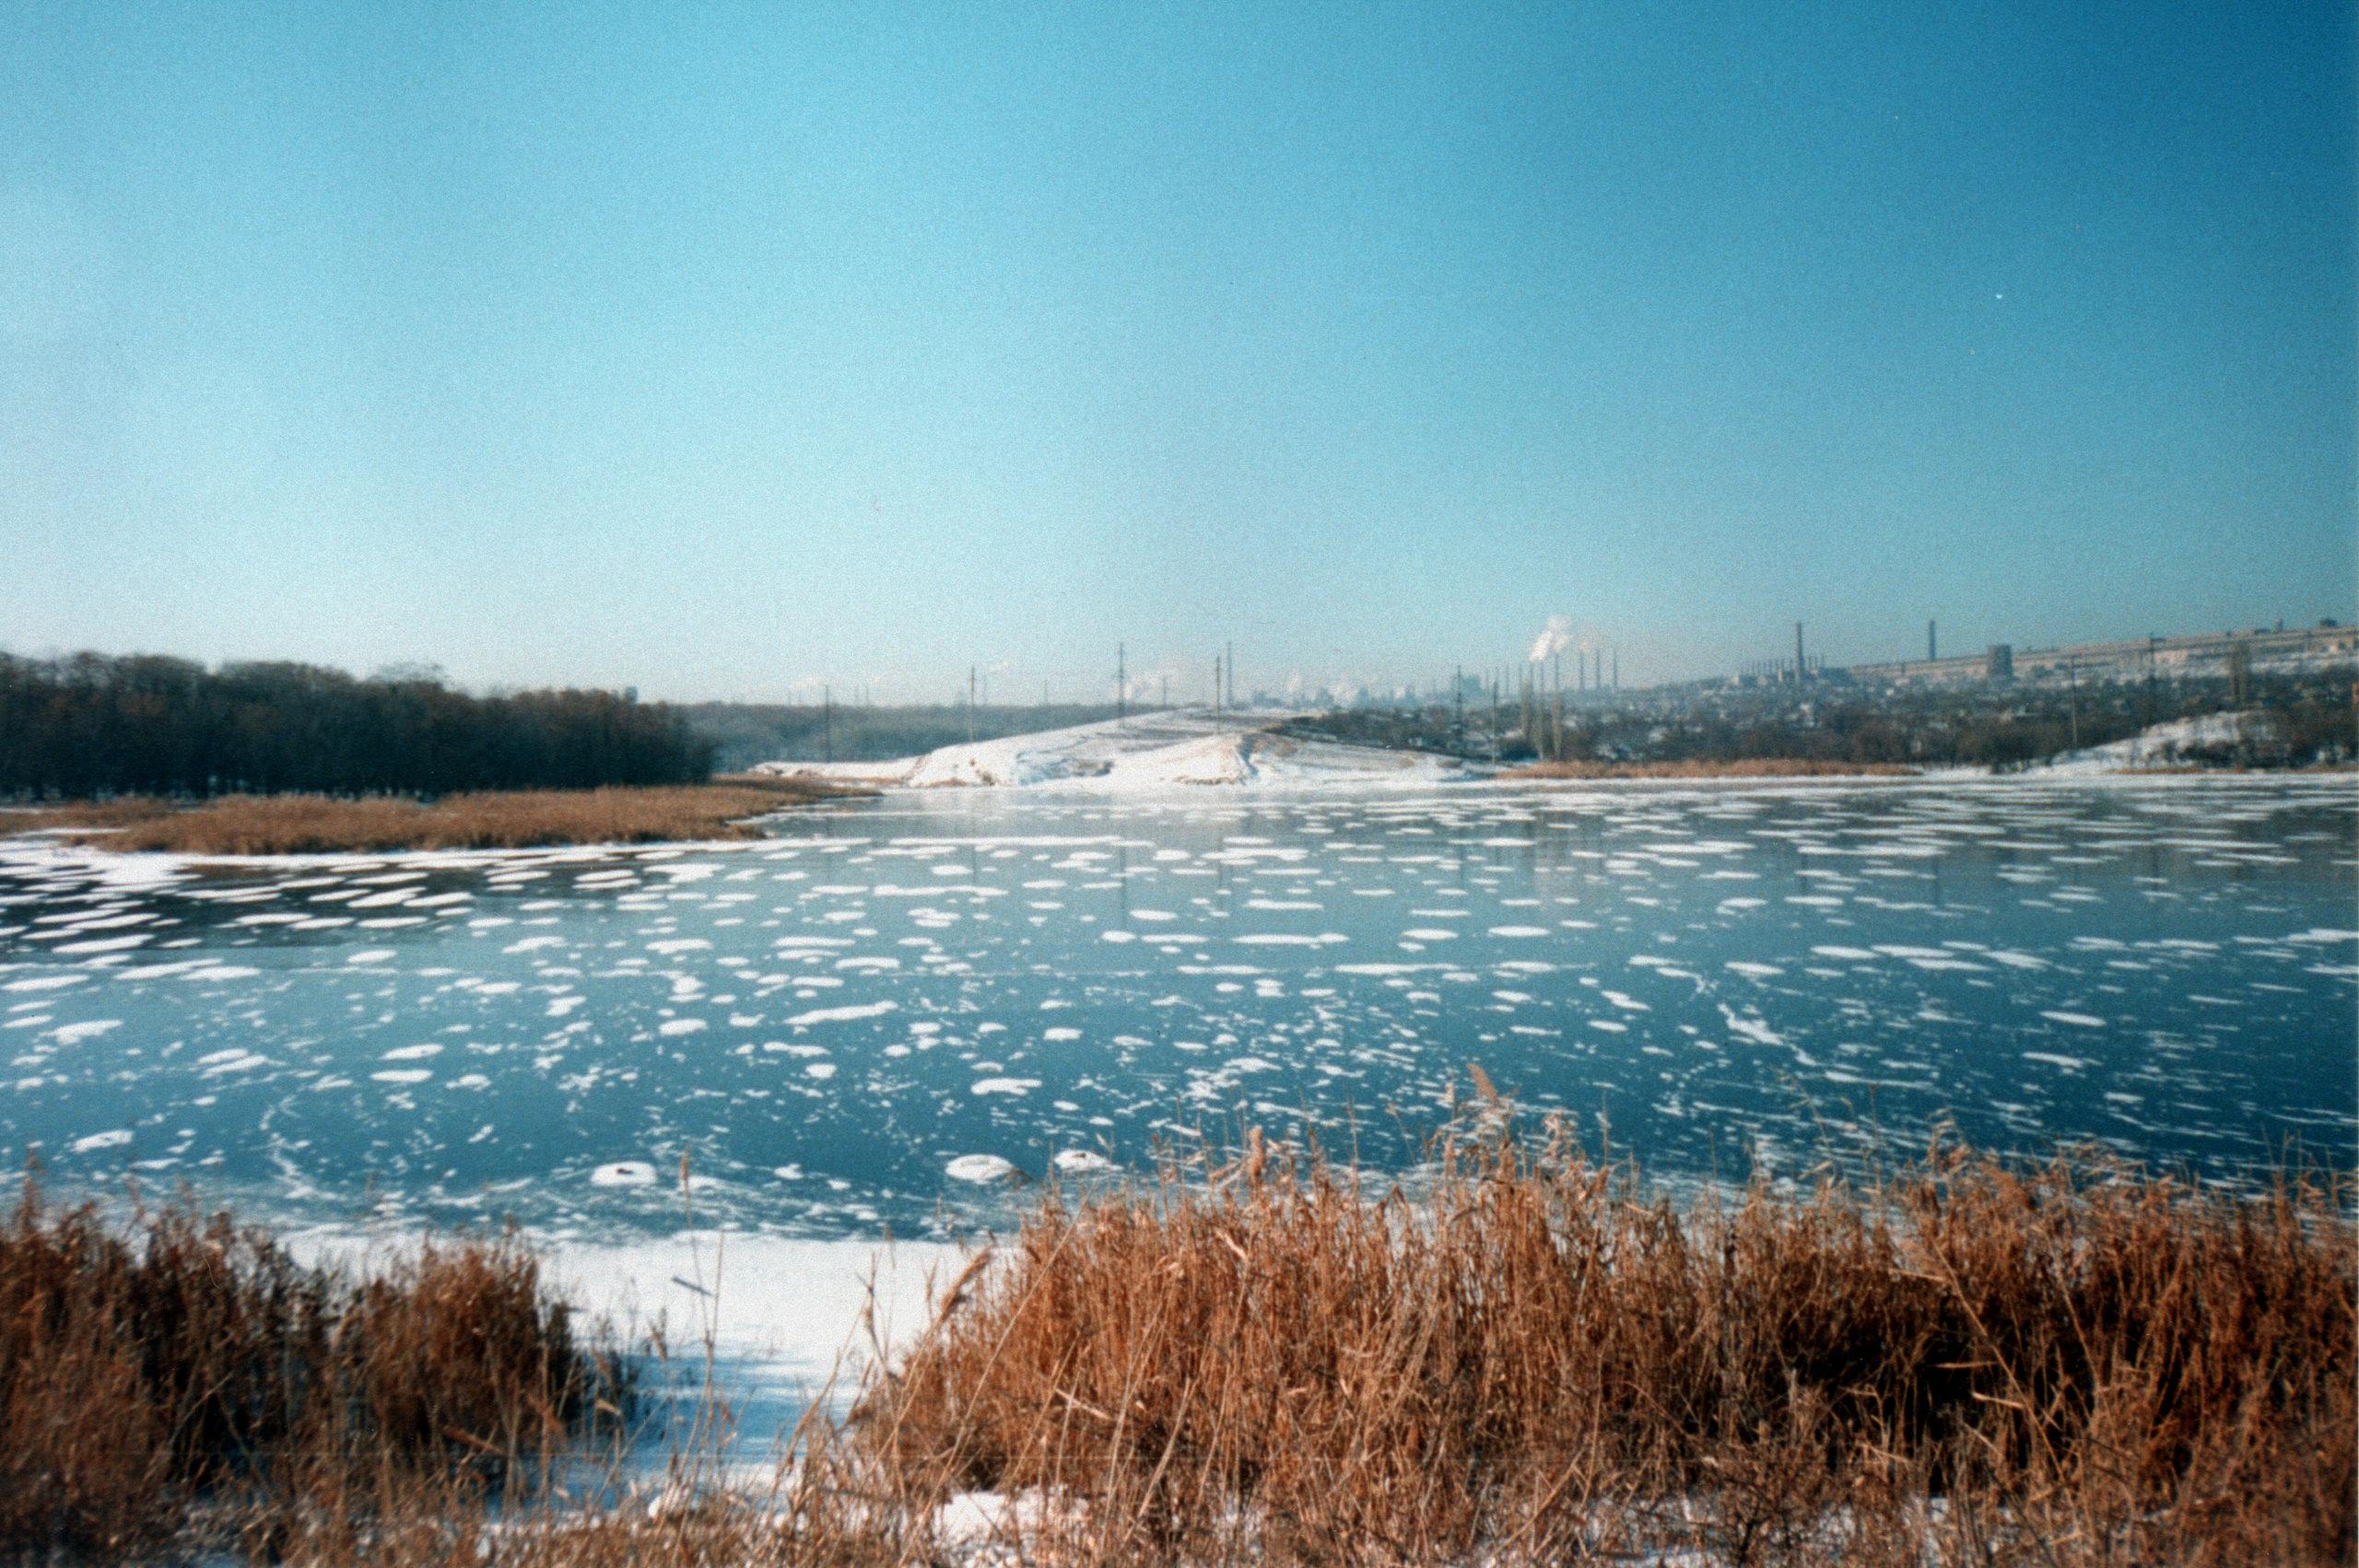 В Алчевске две школьницы провалились под лед. Спасти удалось только одну